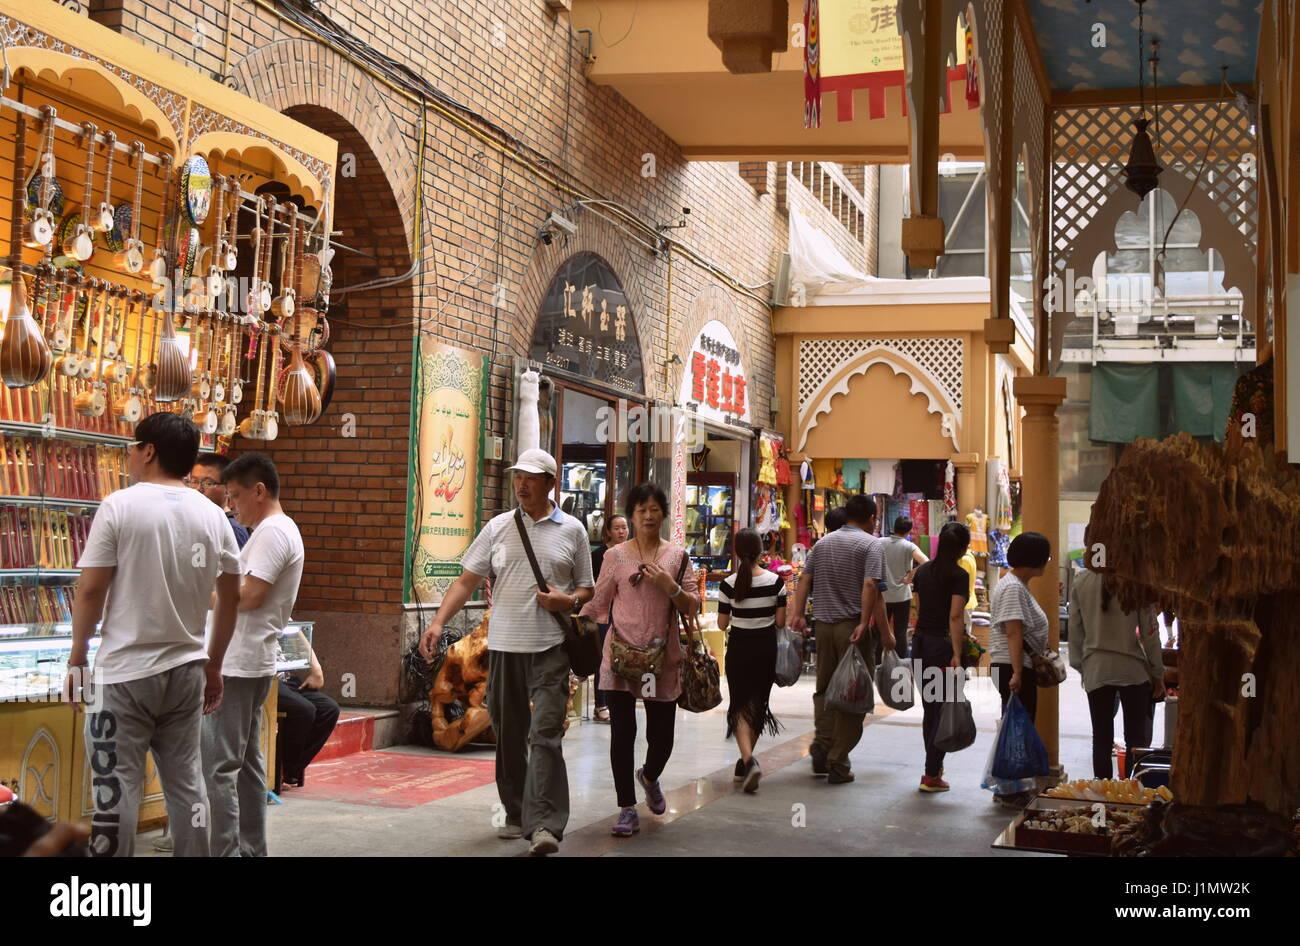 Architettura islamica e vicoli di musulmani mercato bazar di Urumqi, Xinjiang, Cina Immagini Stock